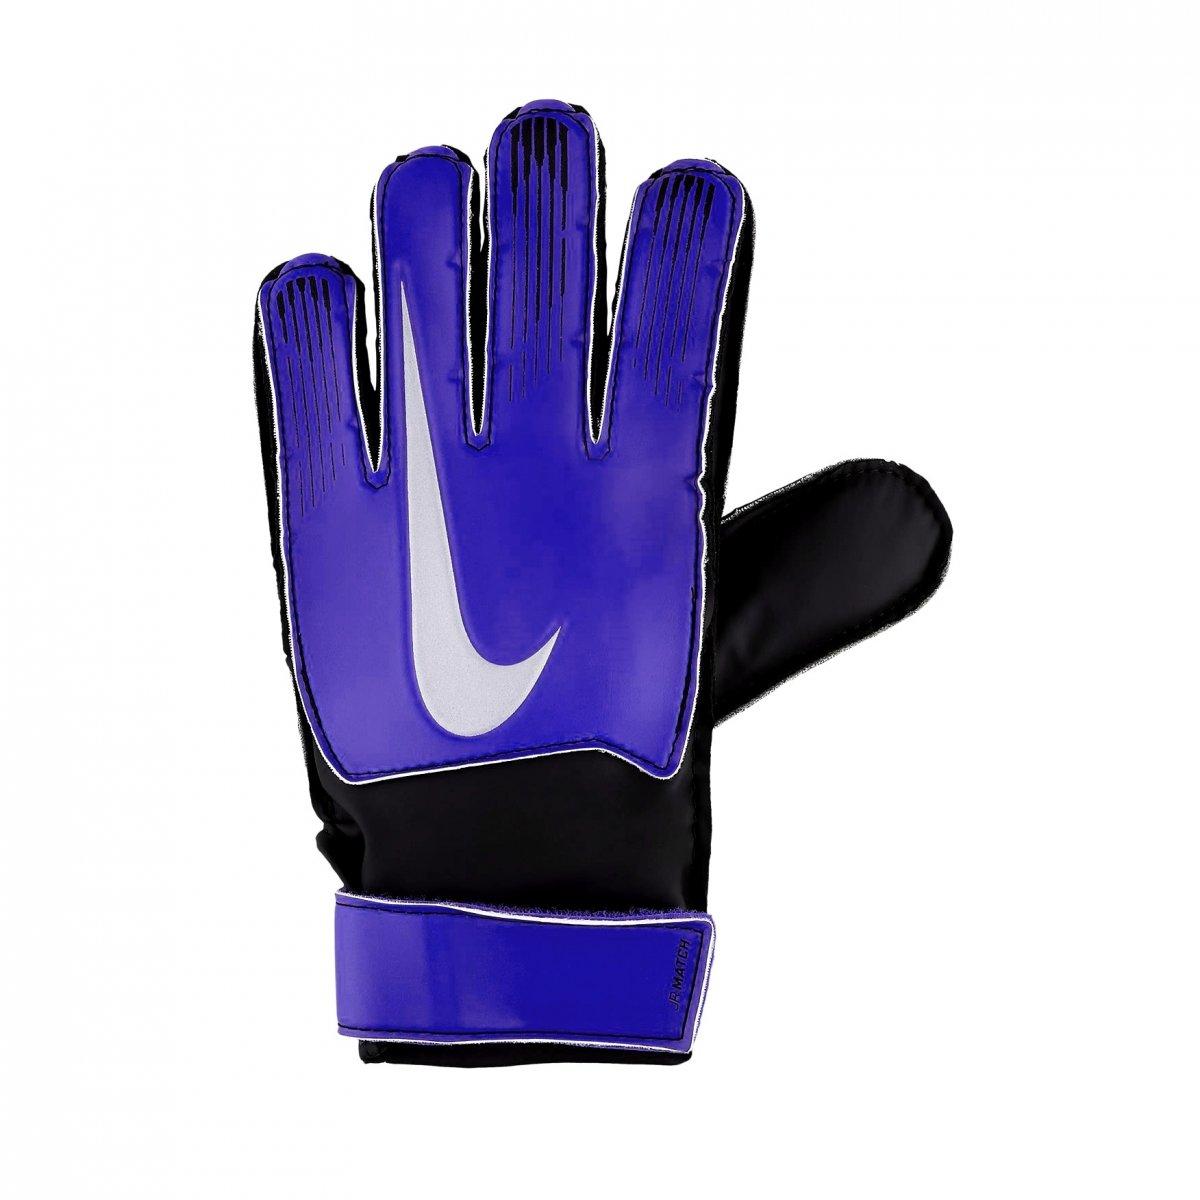 e41a660c9 Luva de Goleiro Infantil Nike Gk Match GS0368-420 - Azul Marinho ...